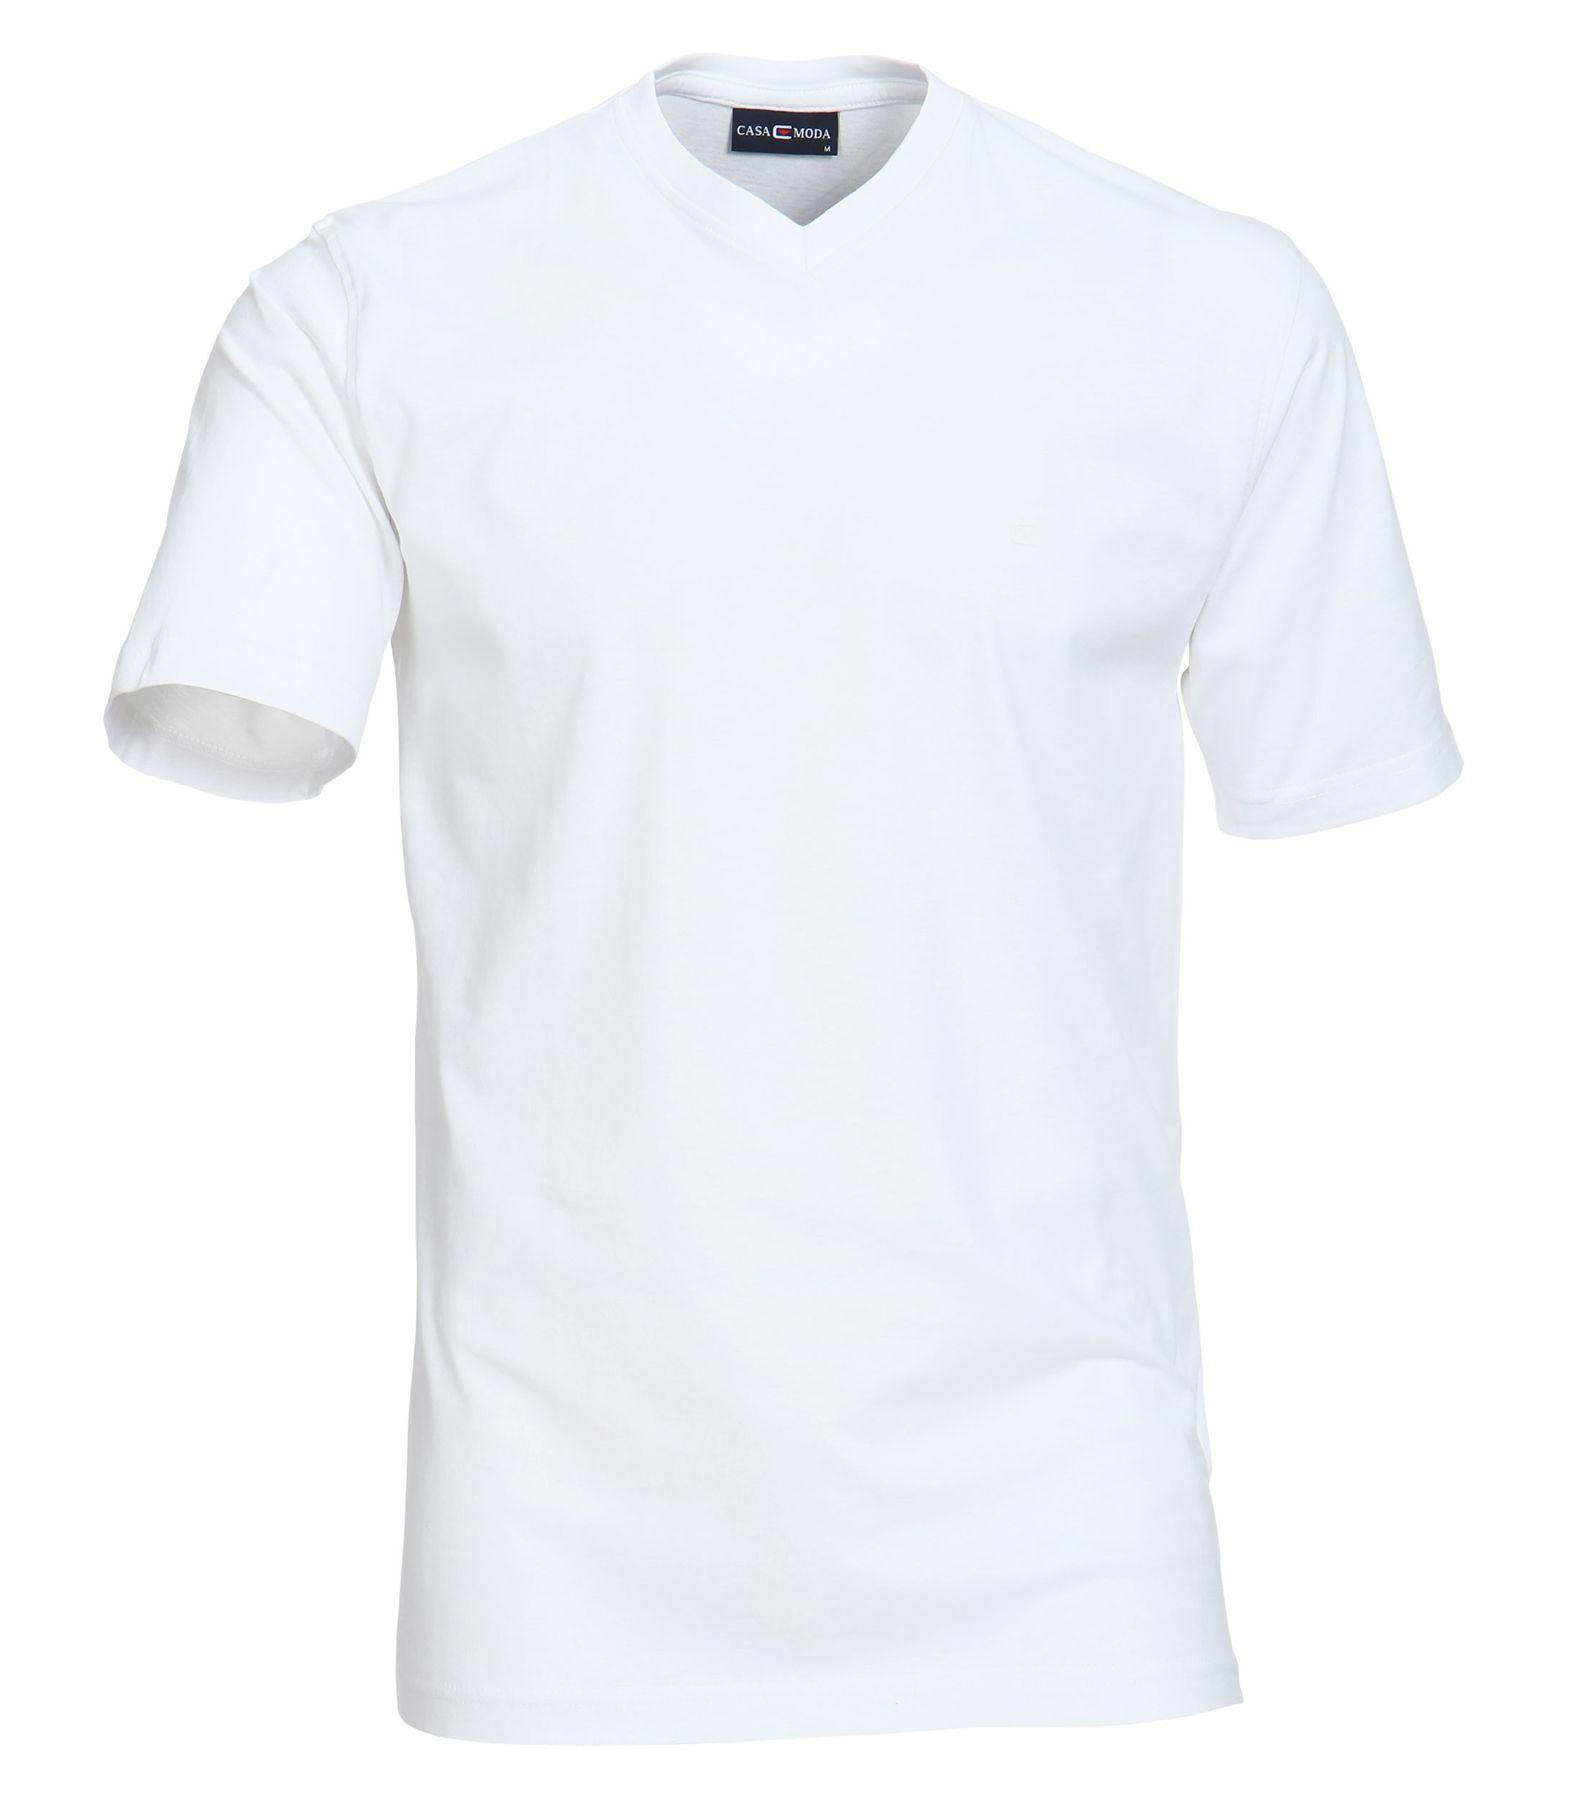 Casa Moda - Herren T-Shirt mit V-Ausschnitt im 2er Pack, schwarz oder weiß, S-6XL (092183) – Bild 1